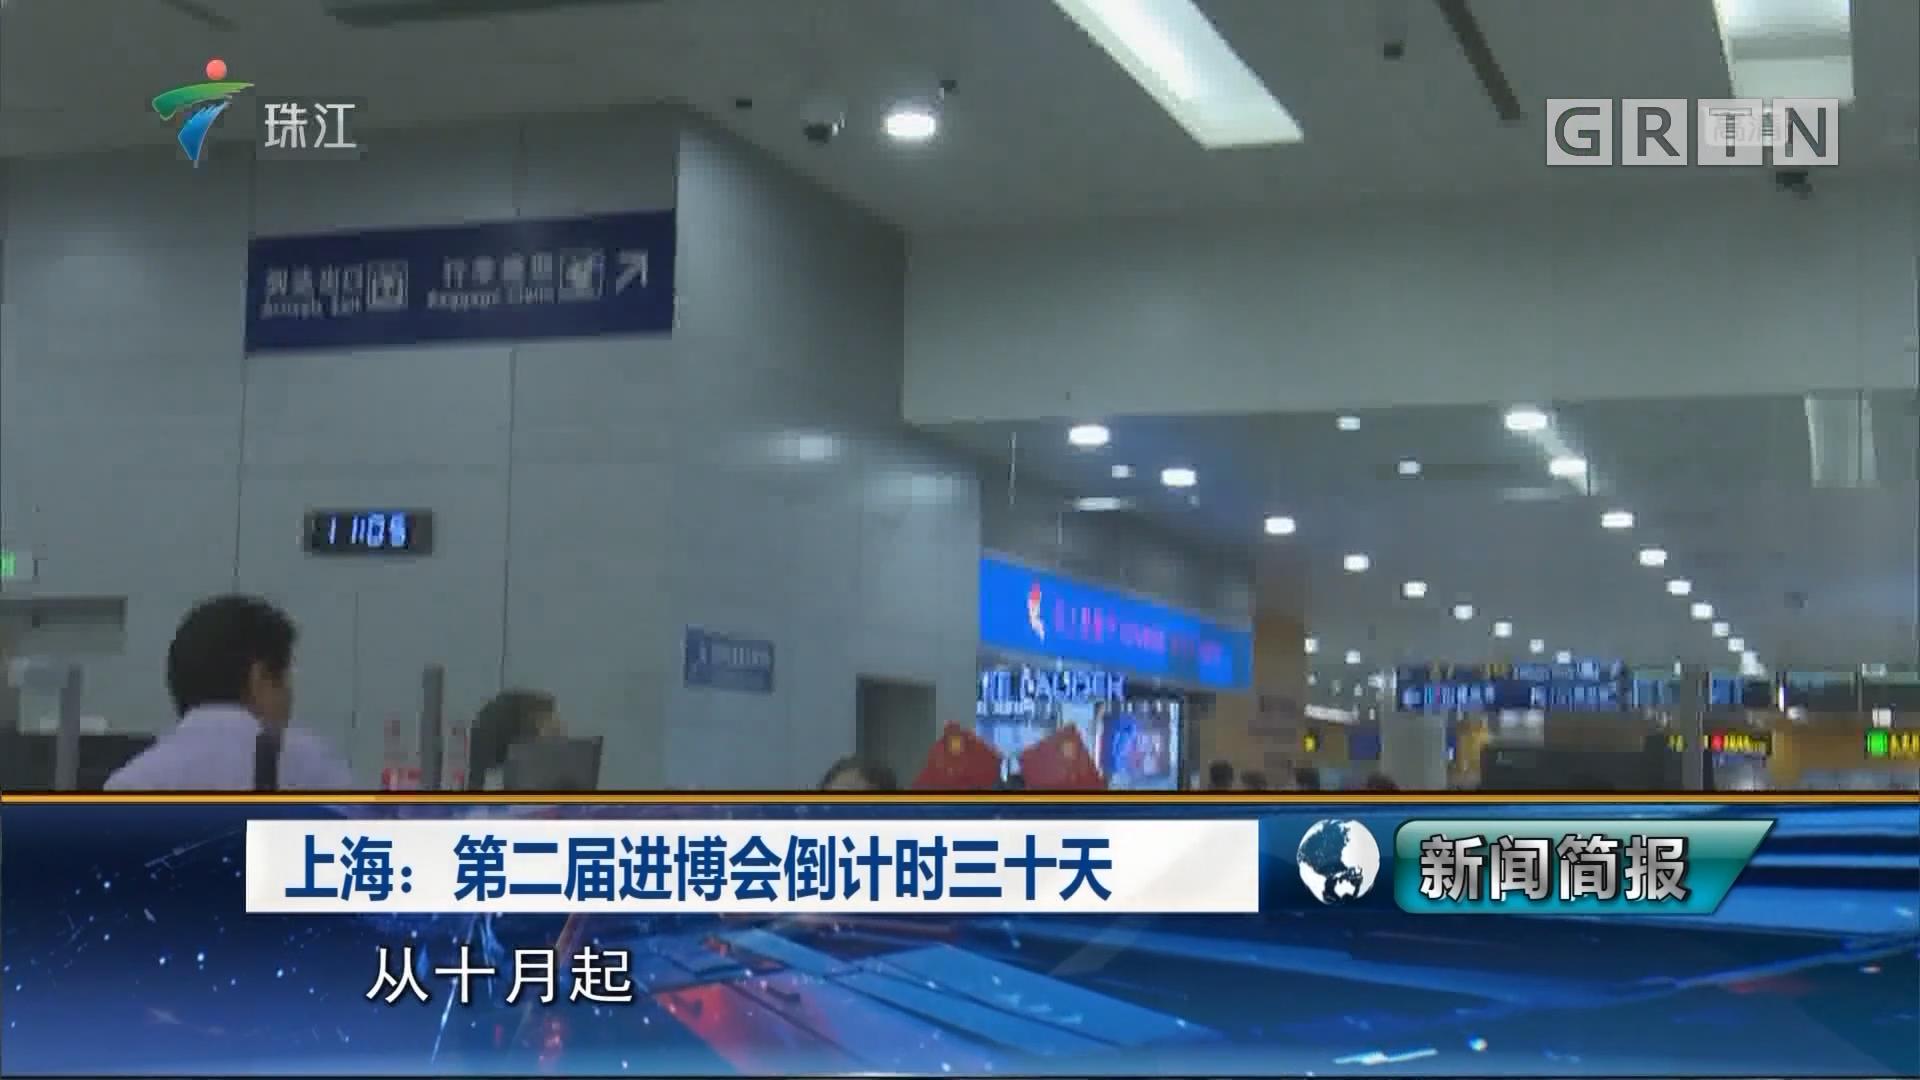 上海:第二屆進博會倒計時三十天